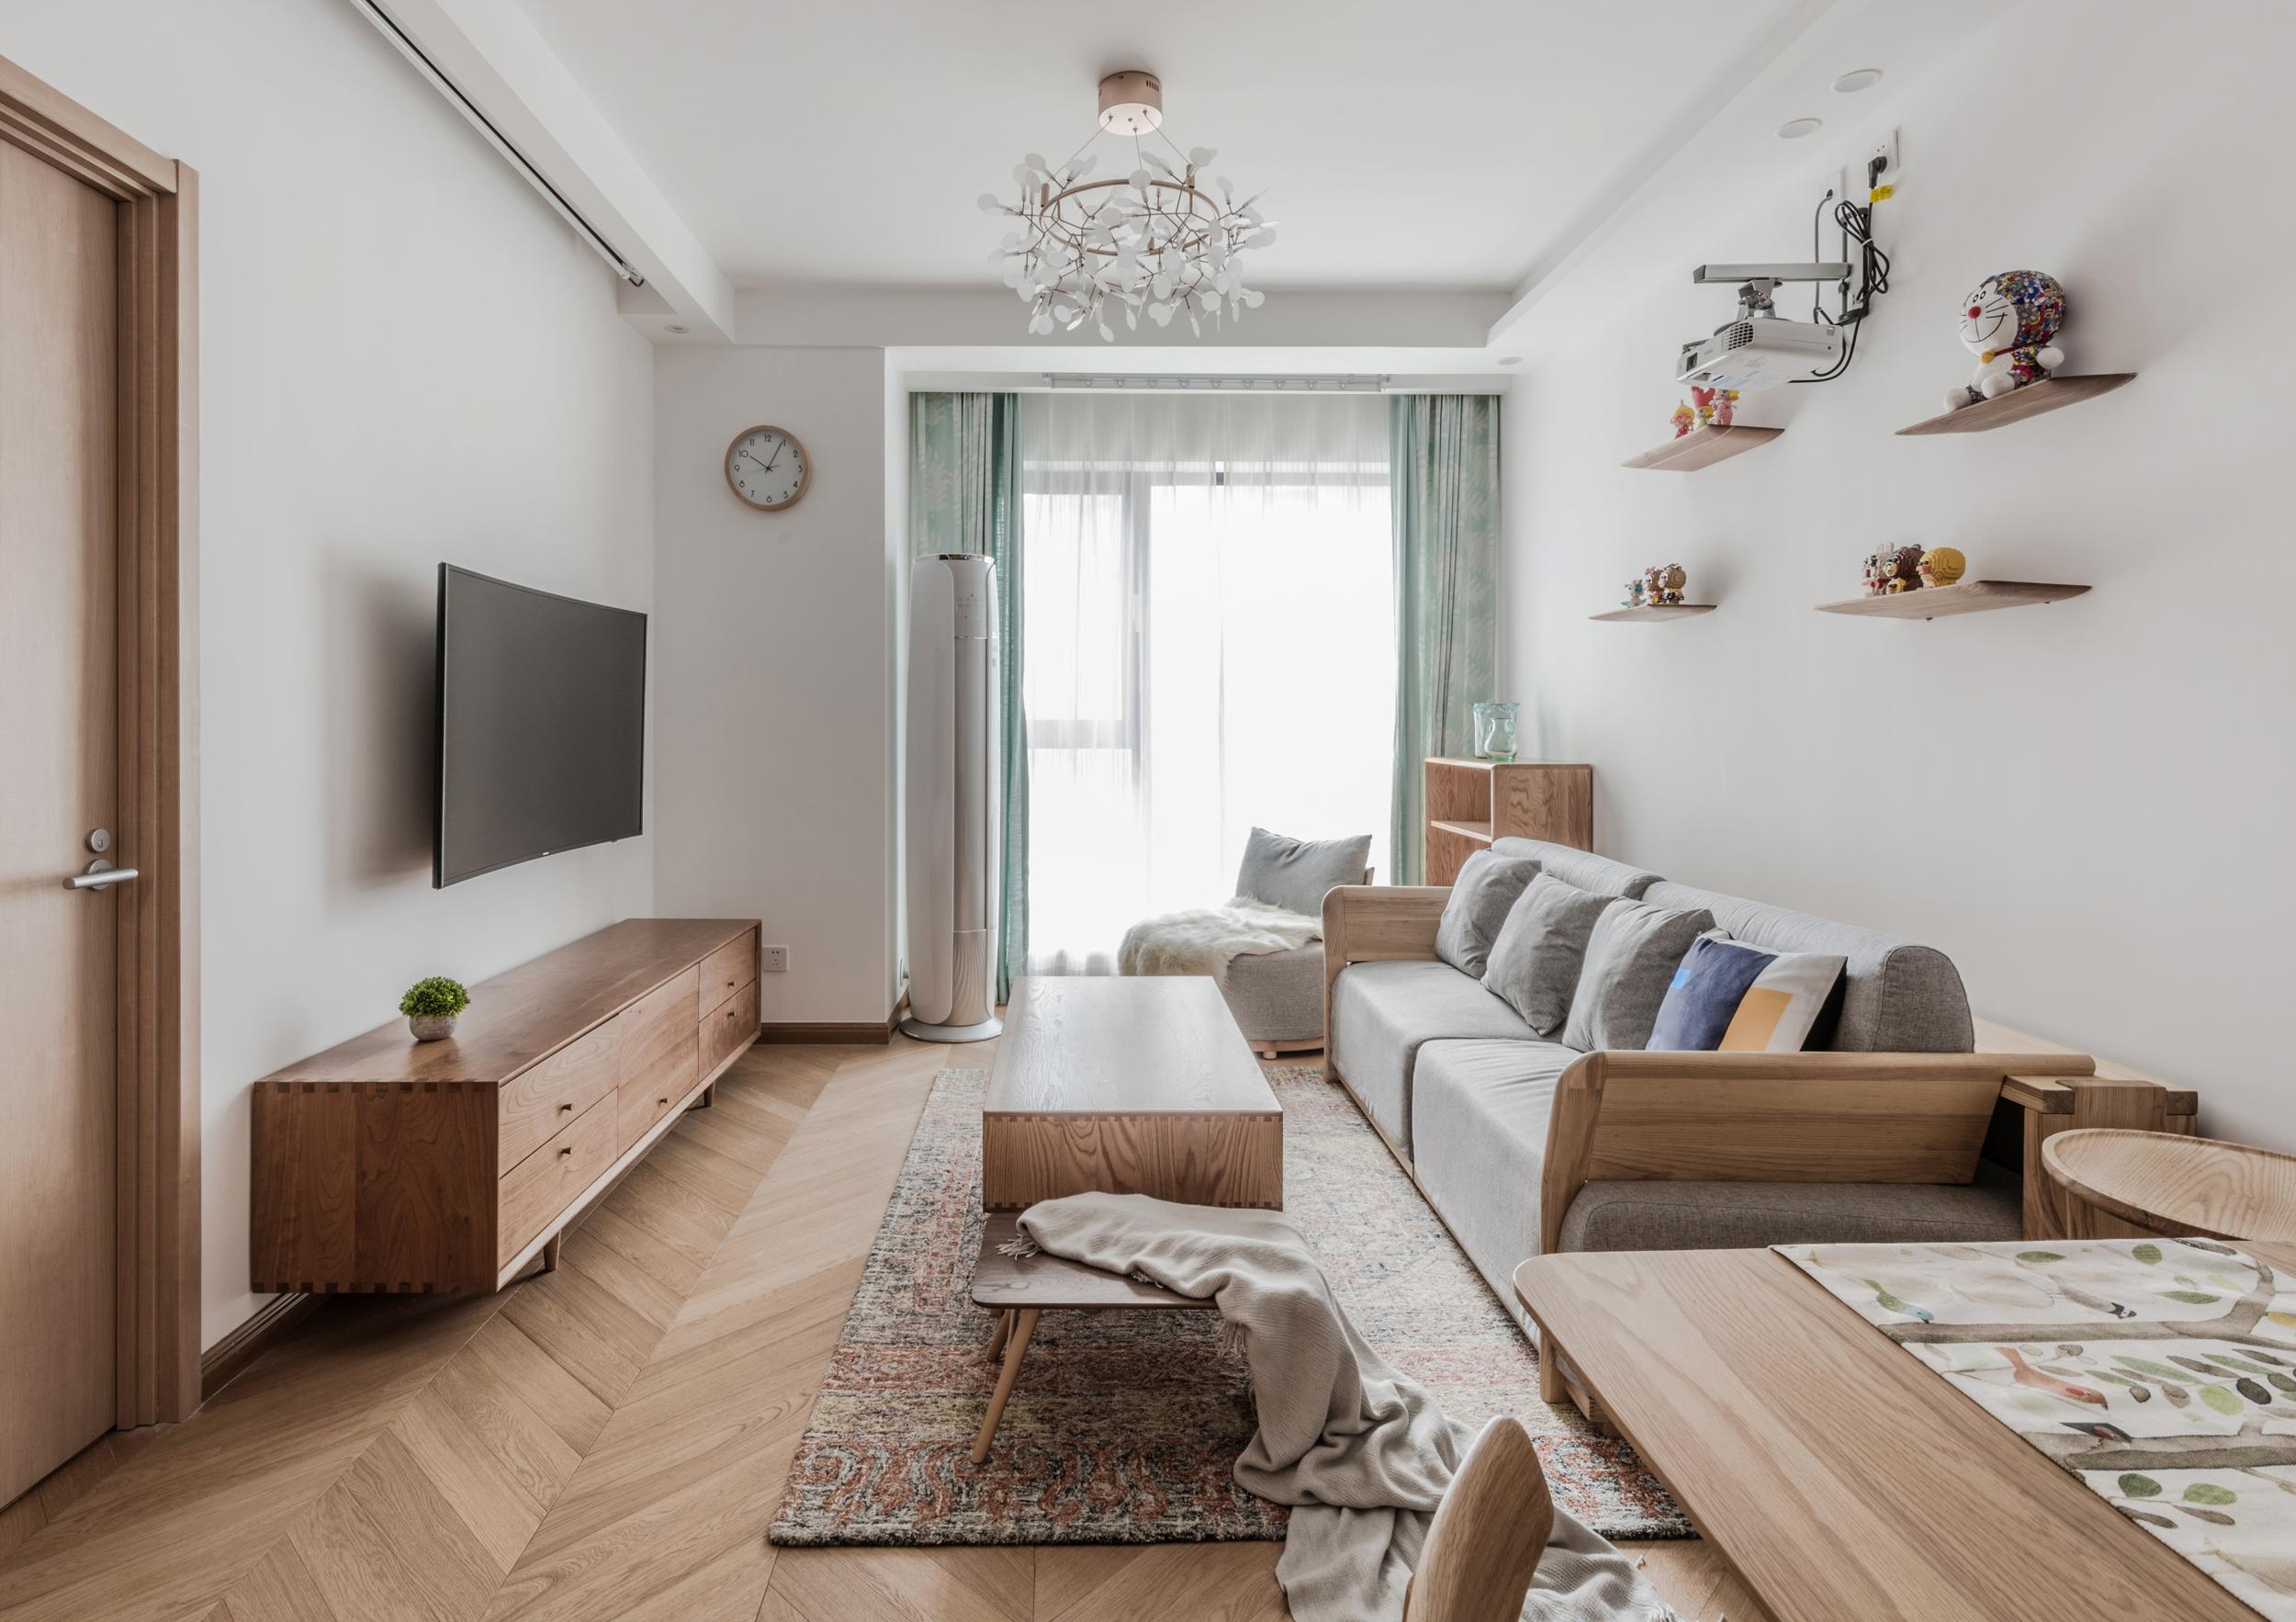 85㎡两居室客厅装修效果图